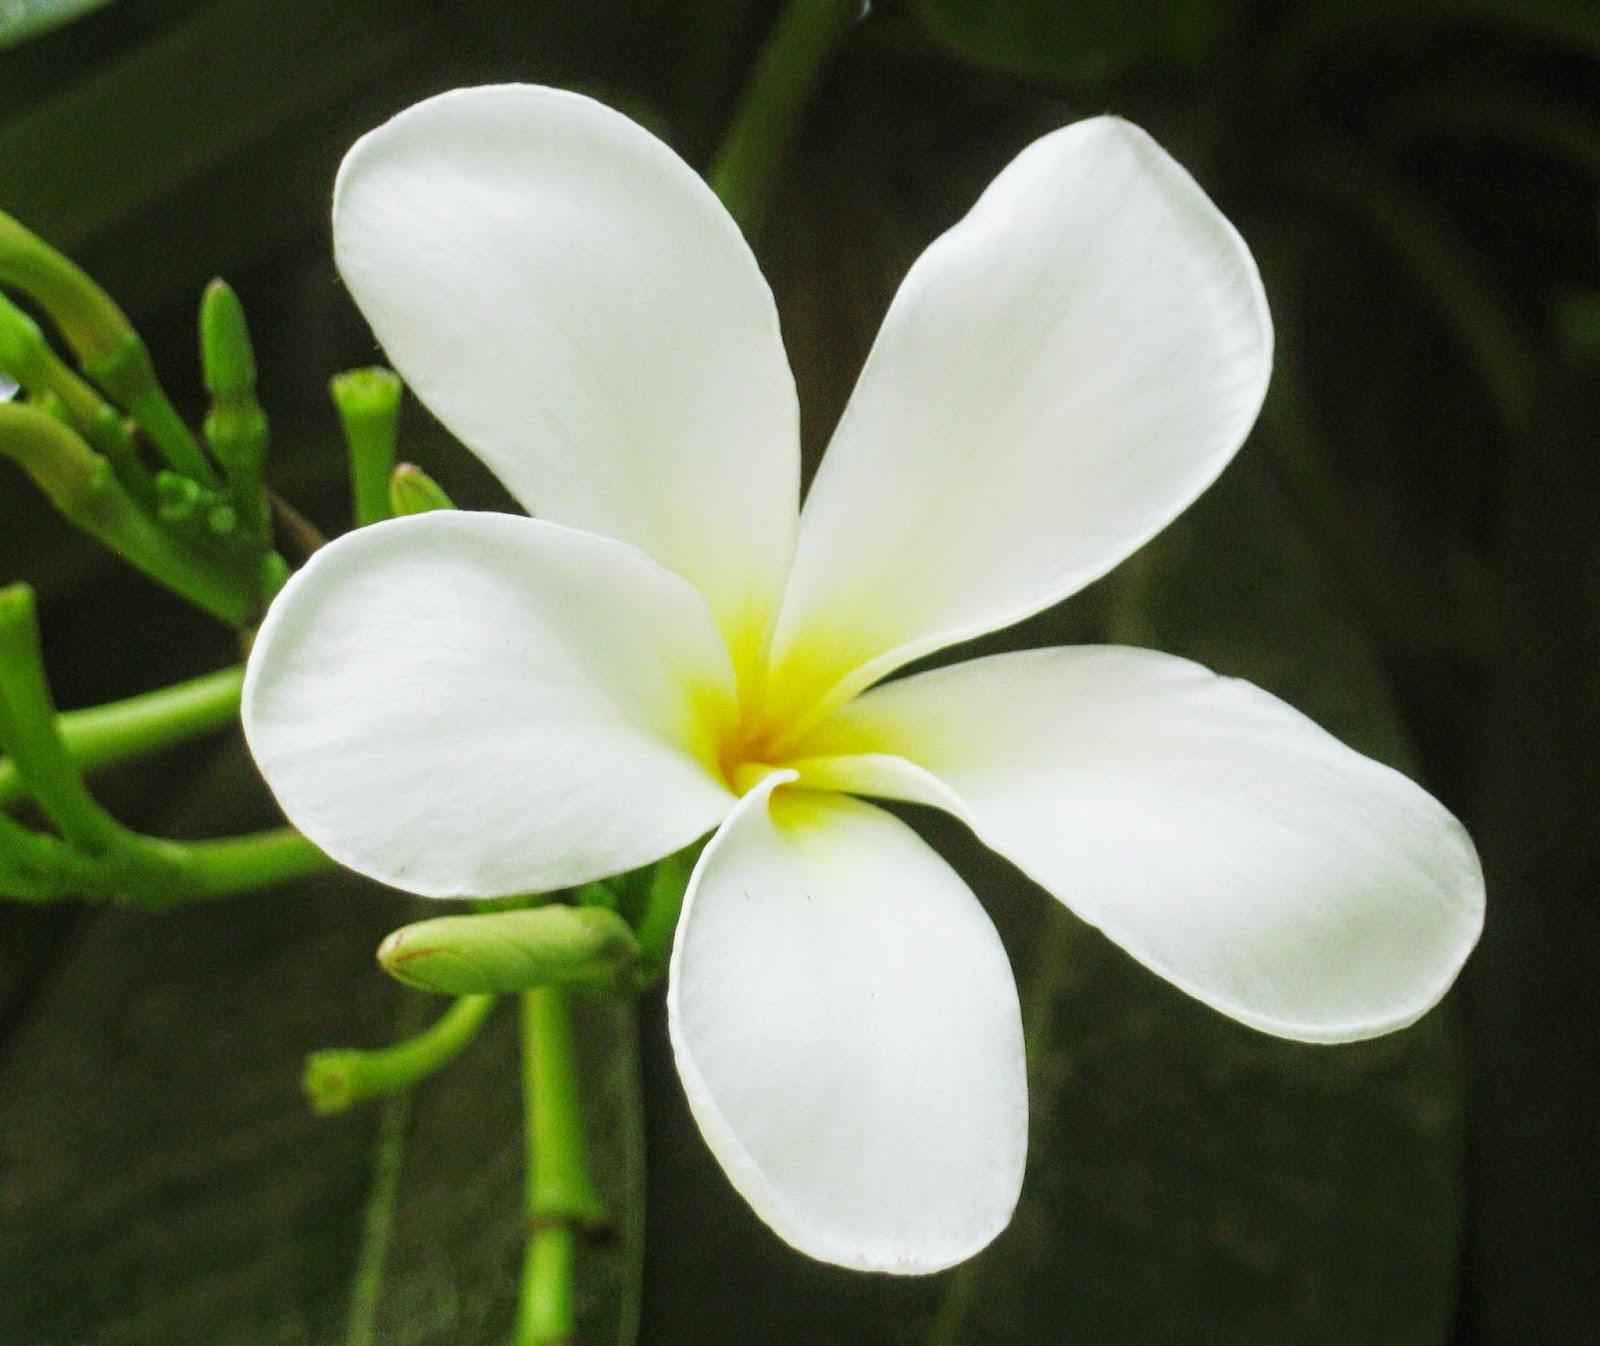 gambar wallpaper bunga melati putih cantik terbaru 2017